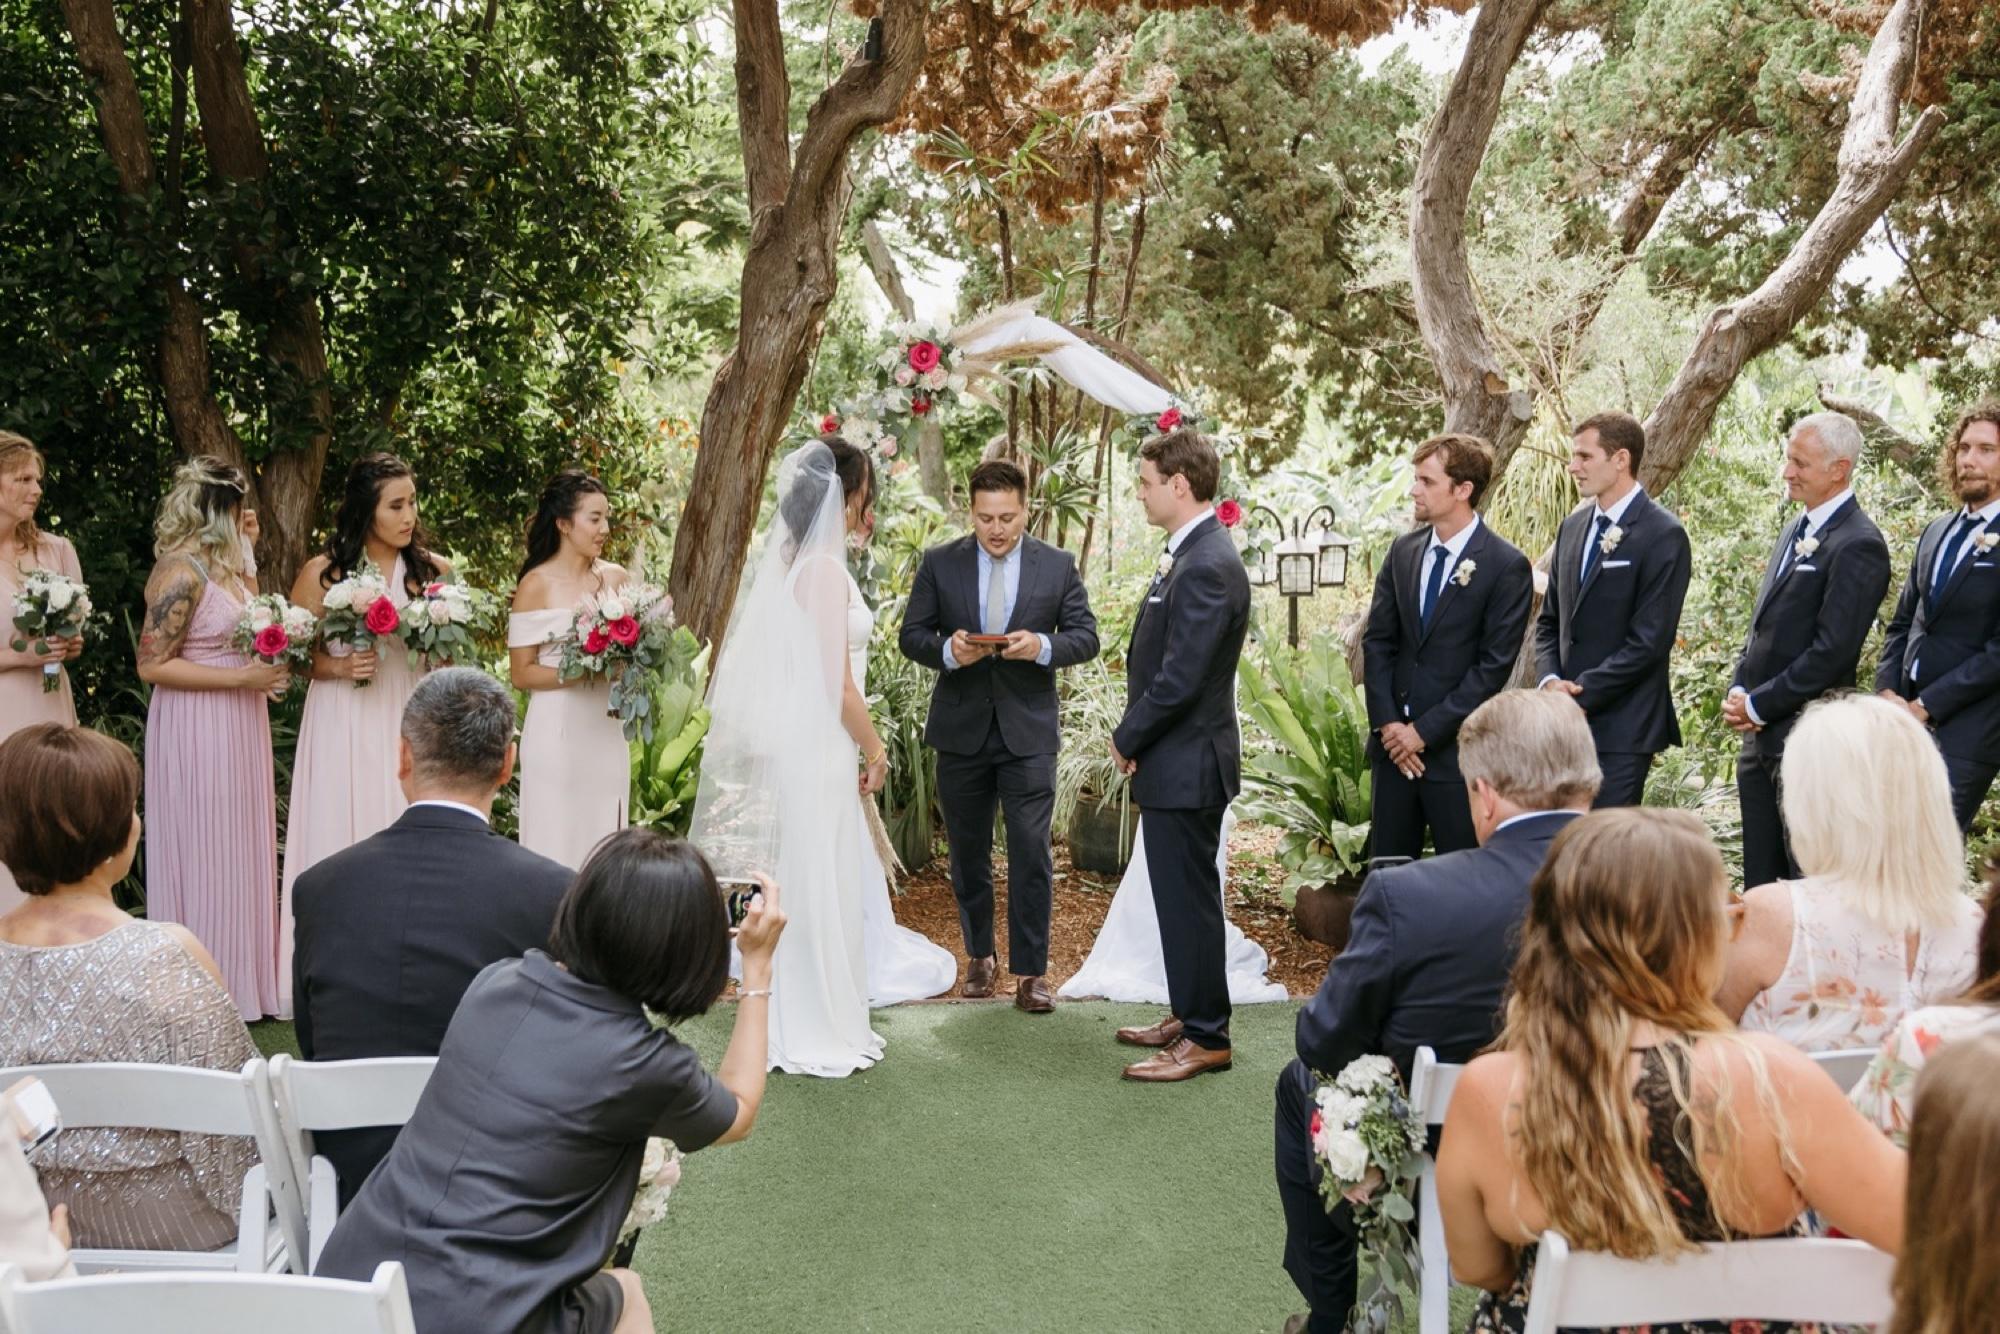 034_Shawna and Steve's Wedding-188.jpg